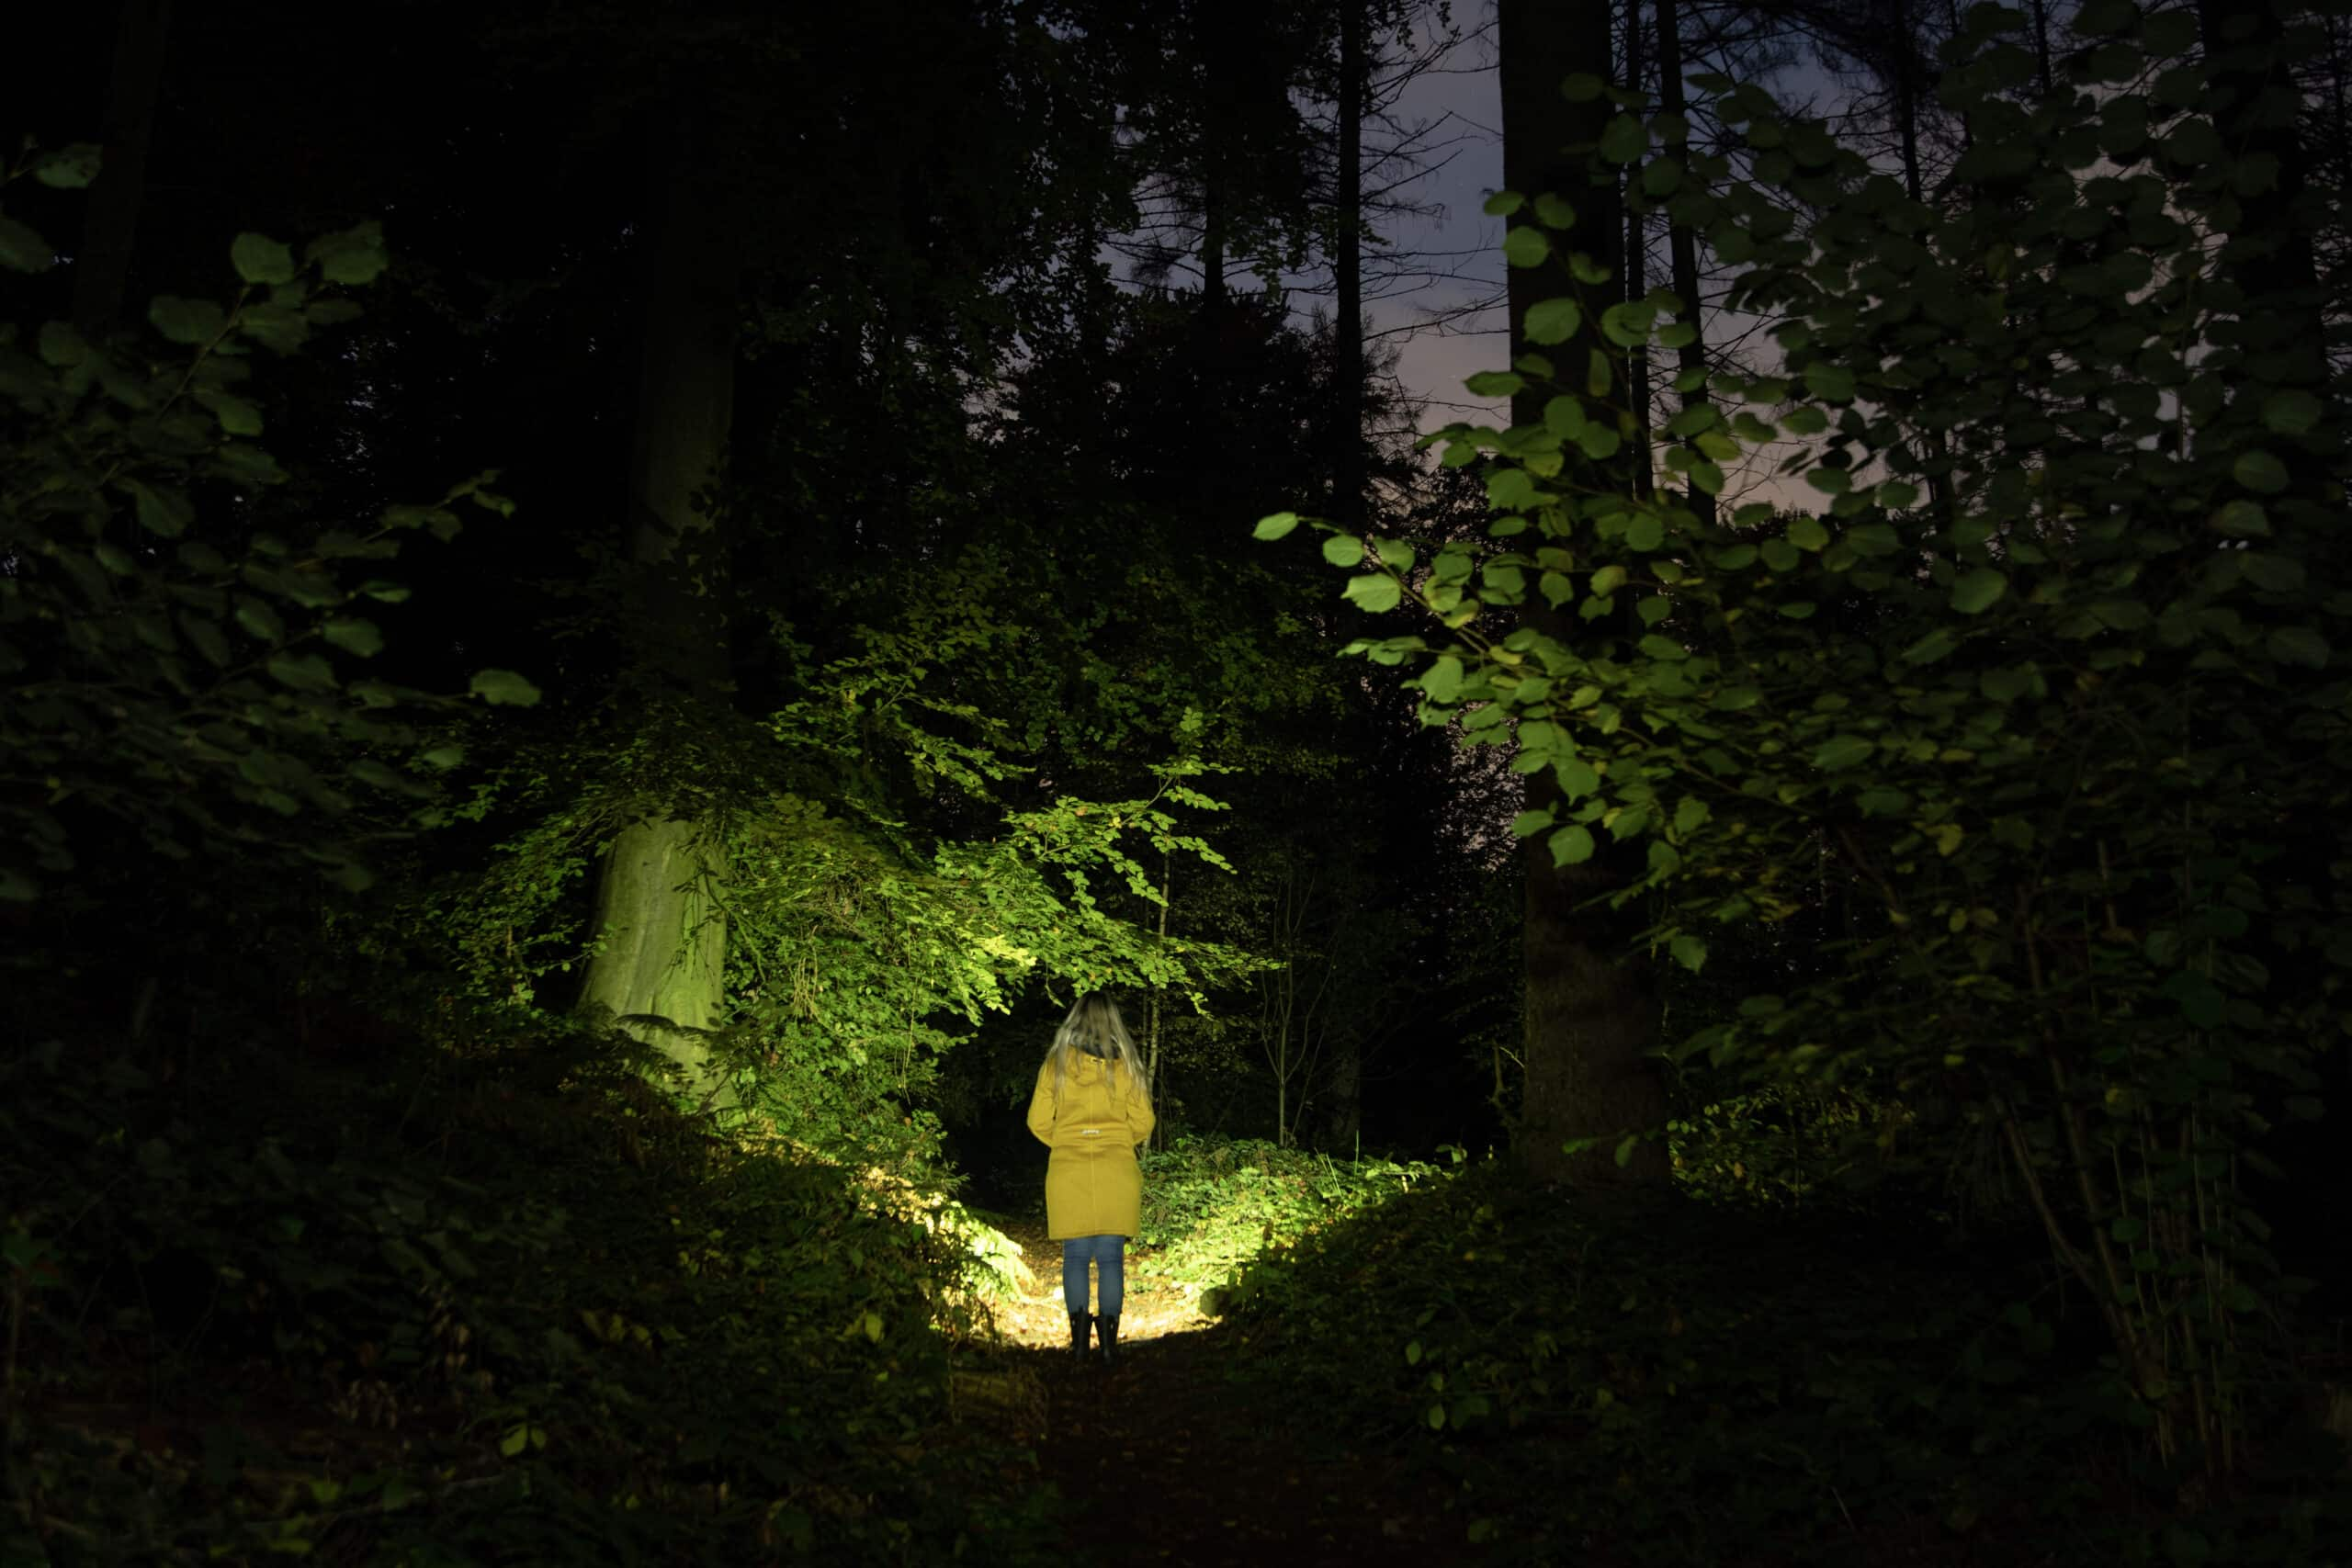 Taschenlampe für Beleuchtung bei Outdoor Fotoshootings und Landschafts-Fotografie